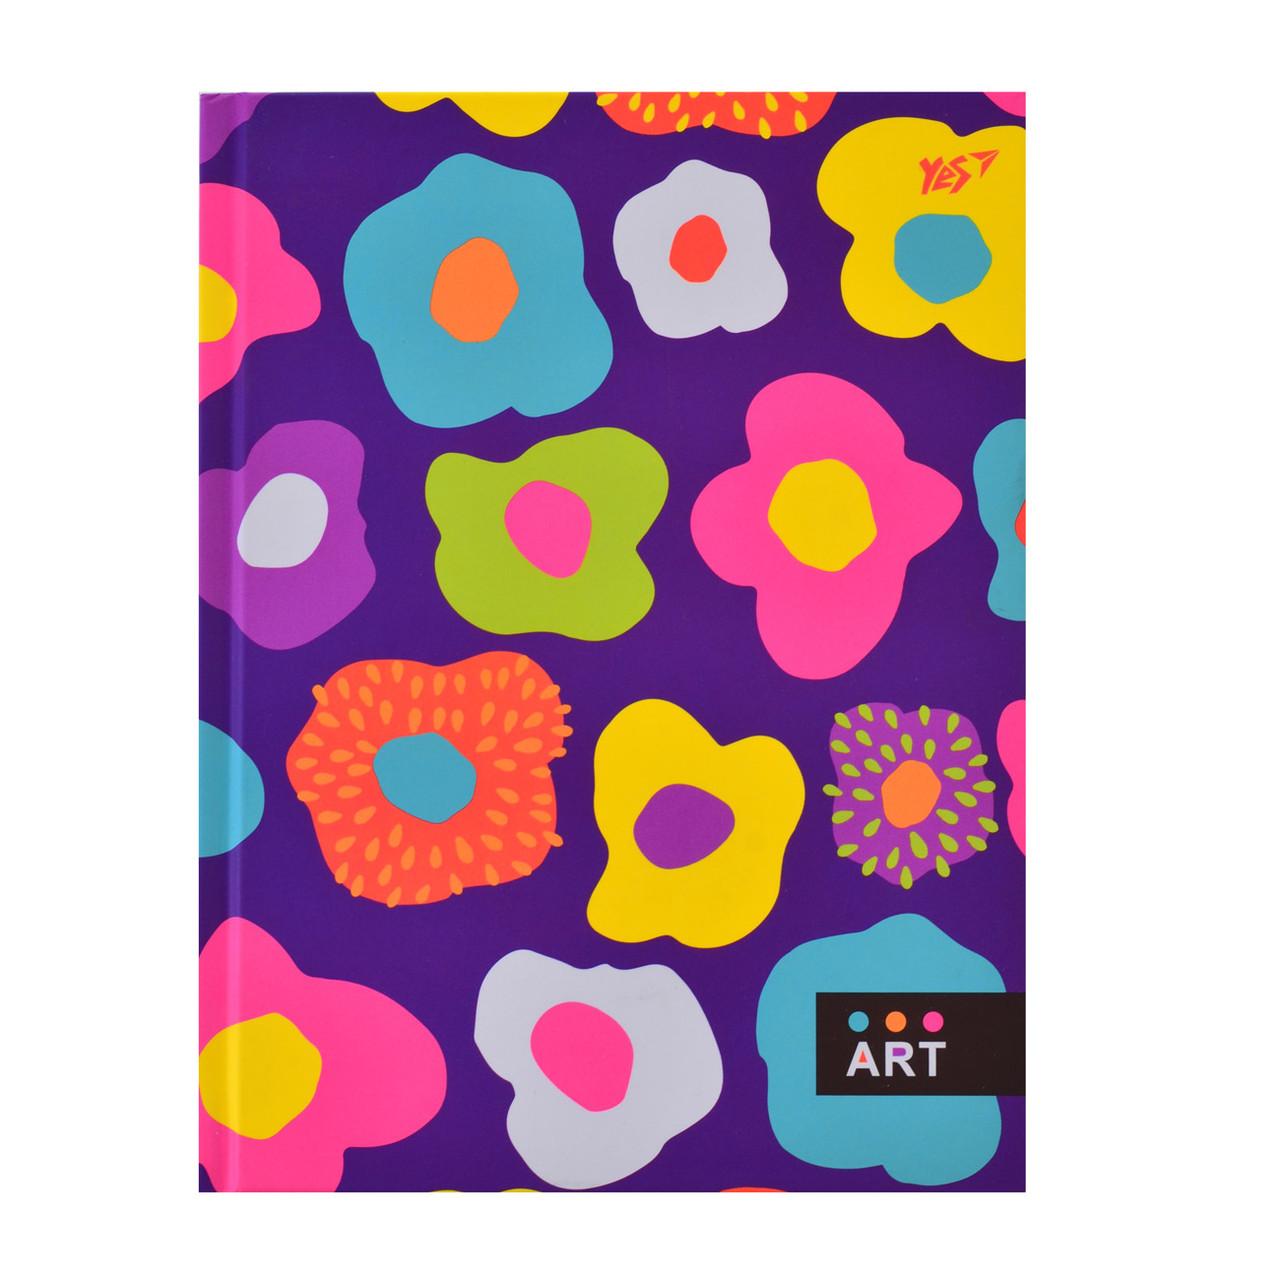 Блокнот 140*185/64 ТЧК. 7БЦ Art mix  YES код: 151515